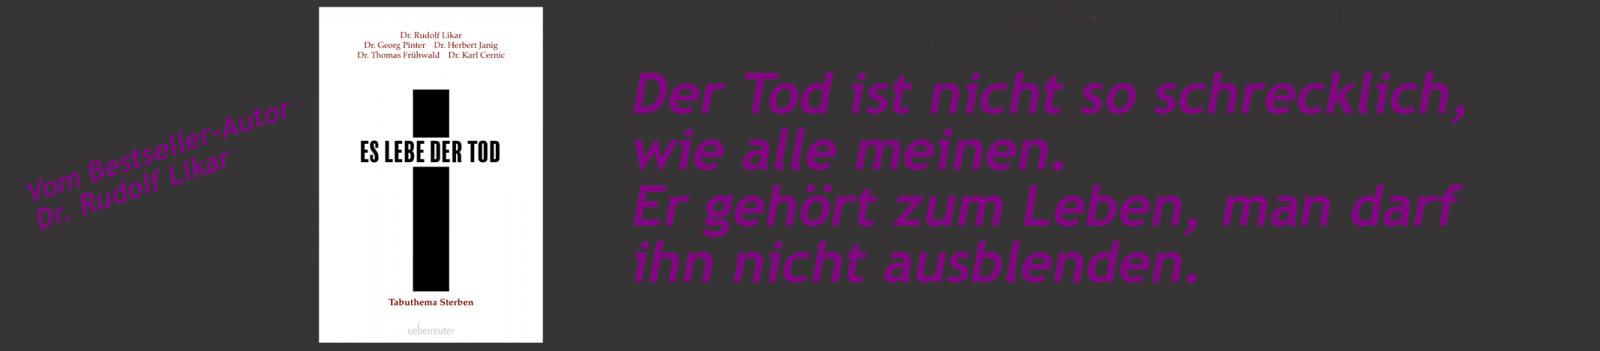 Likar_Tod